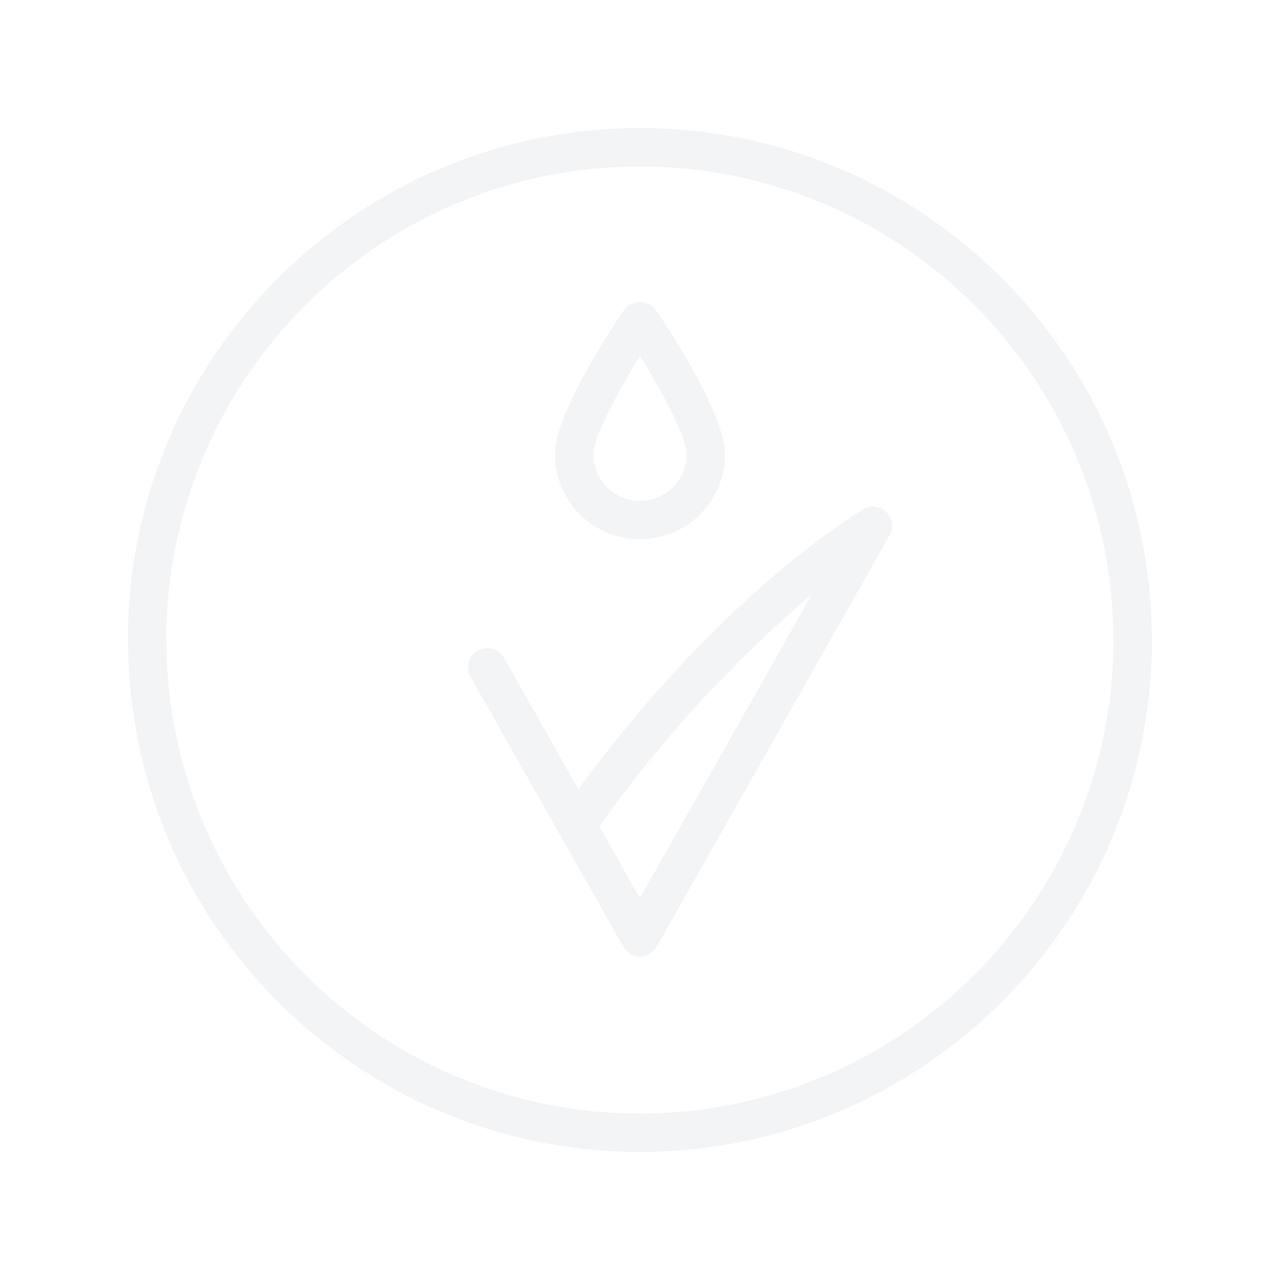 ALESSANDRO Nail Polish No.84 Cherry Cherry Lady 5ml